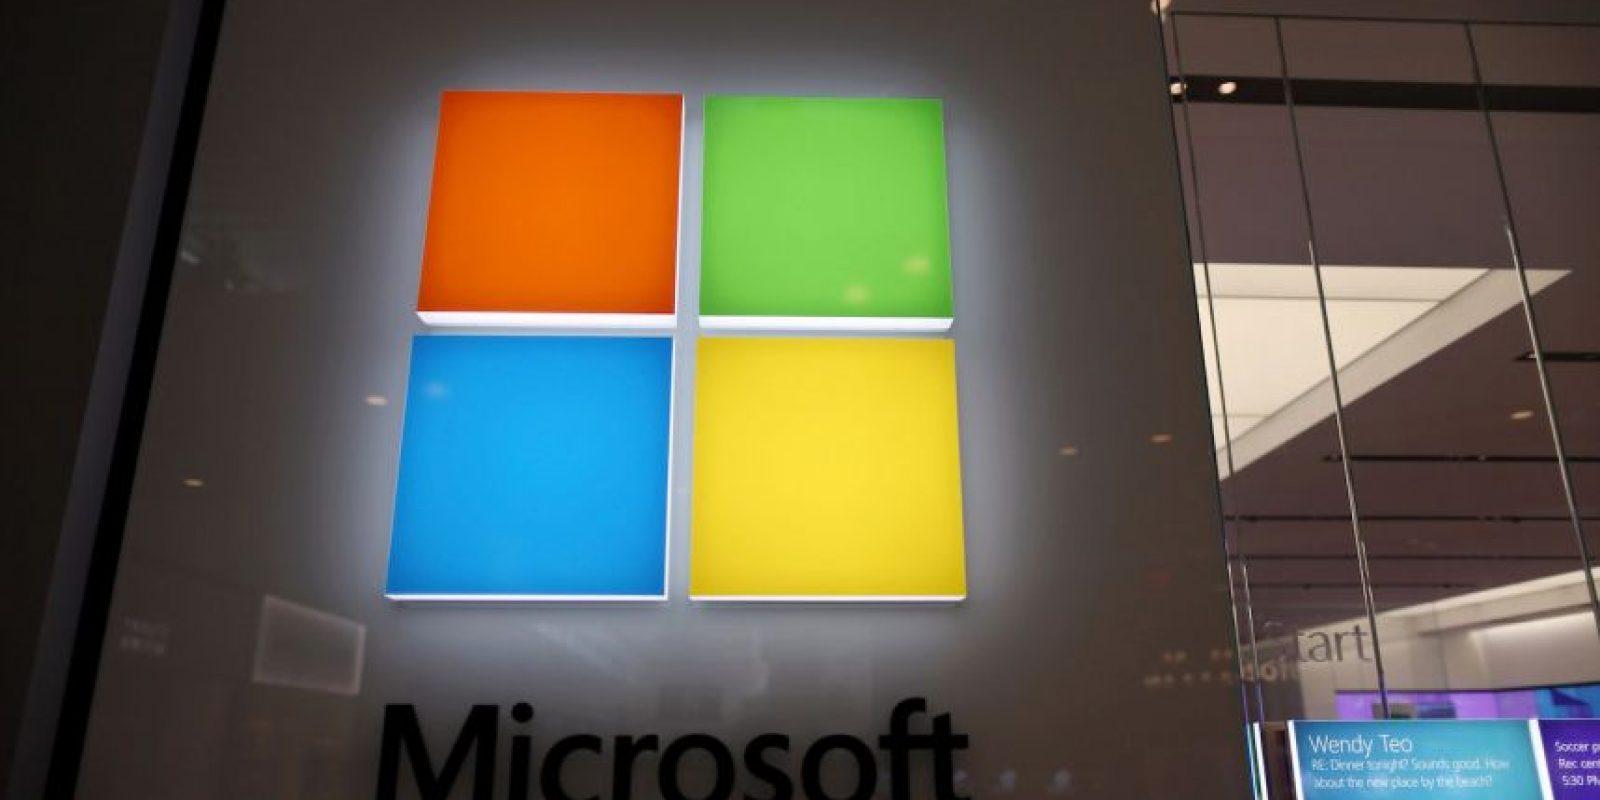 Con el Project Spartan, Microsoft busca mejorar los rezagos de su explorador de internet. Foto:Getty